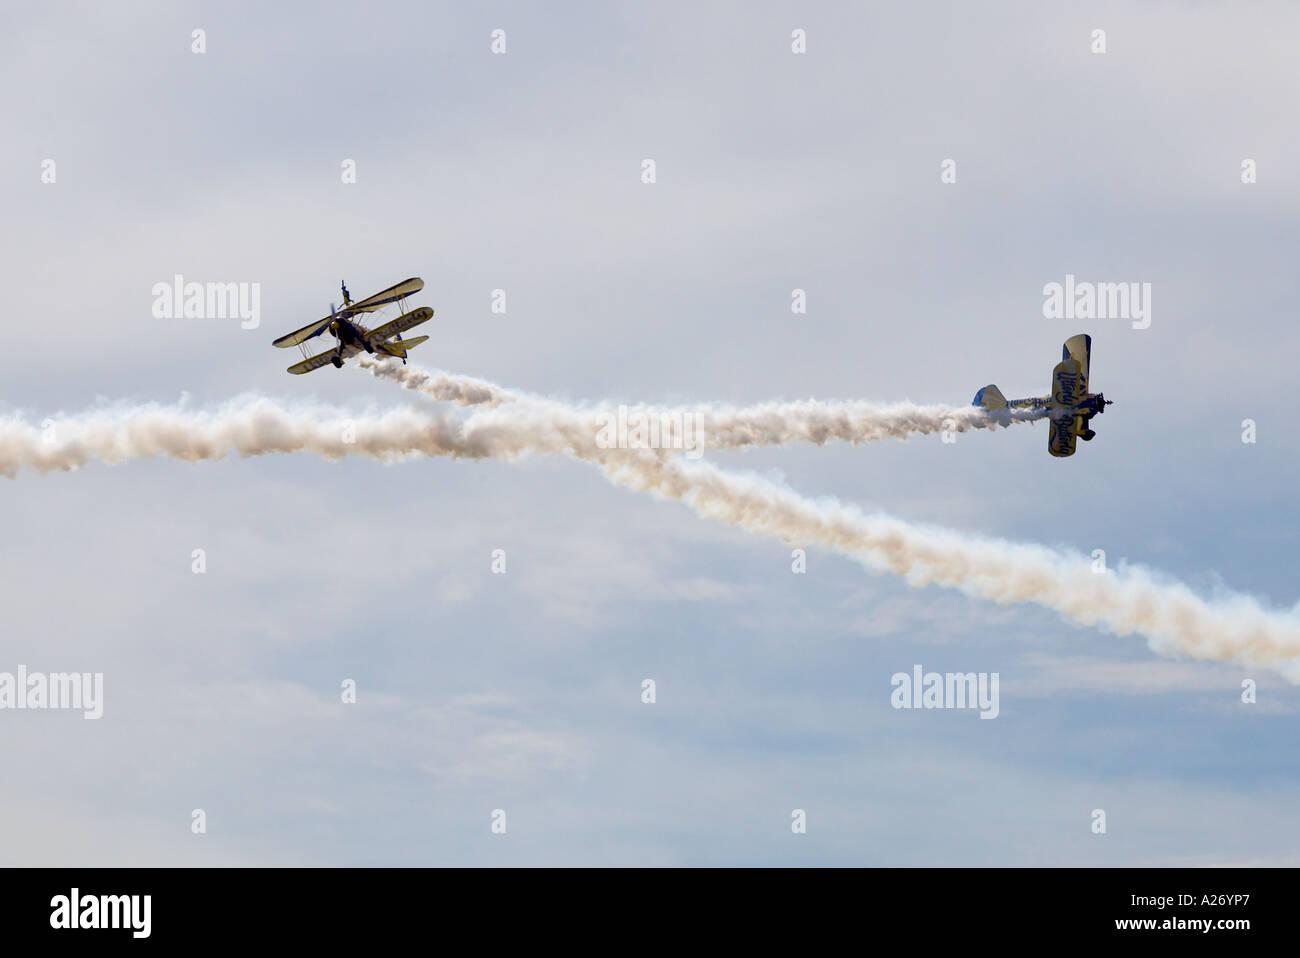 Daredevil planes - Stock Image